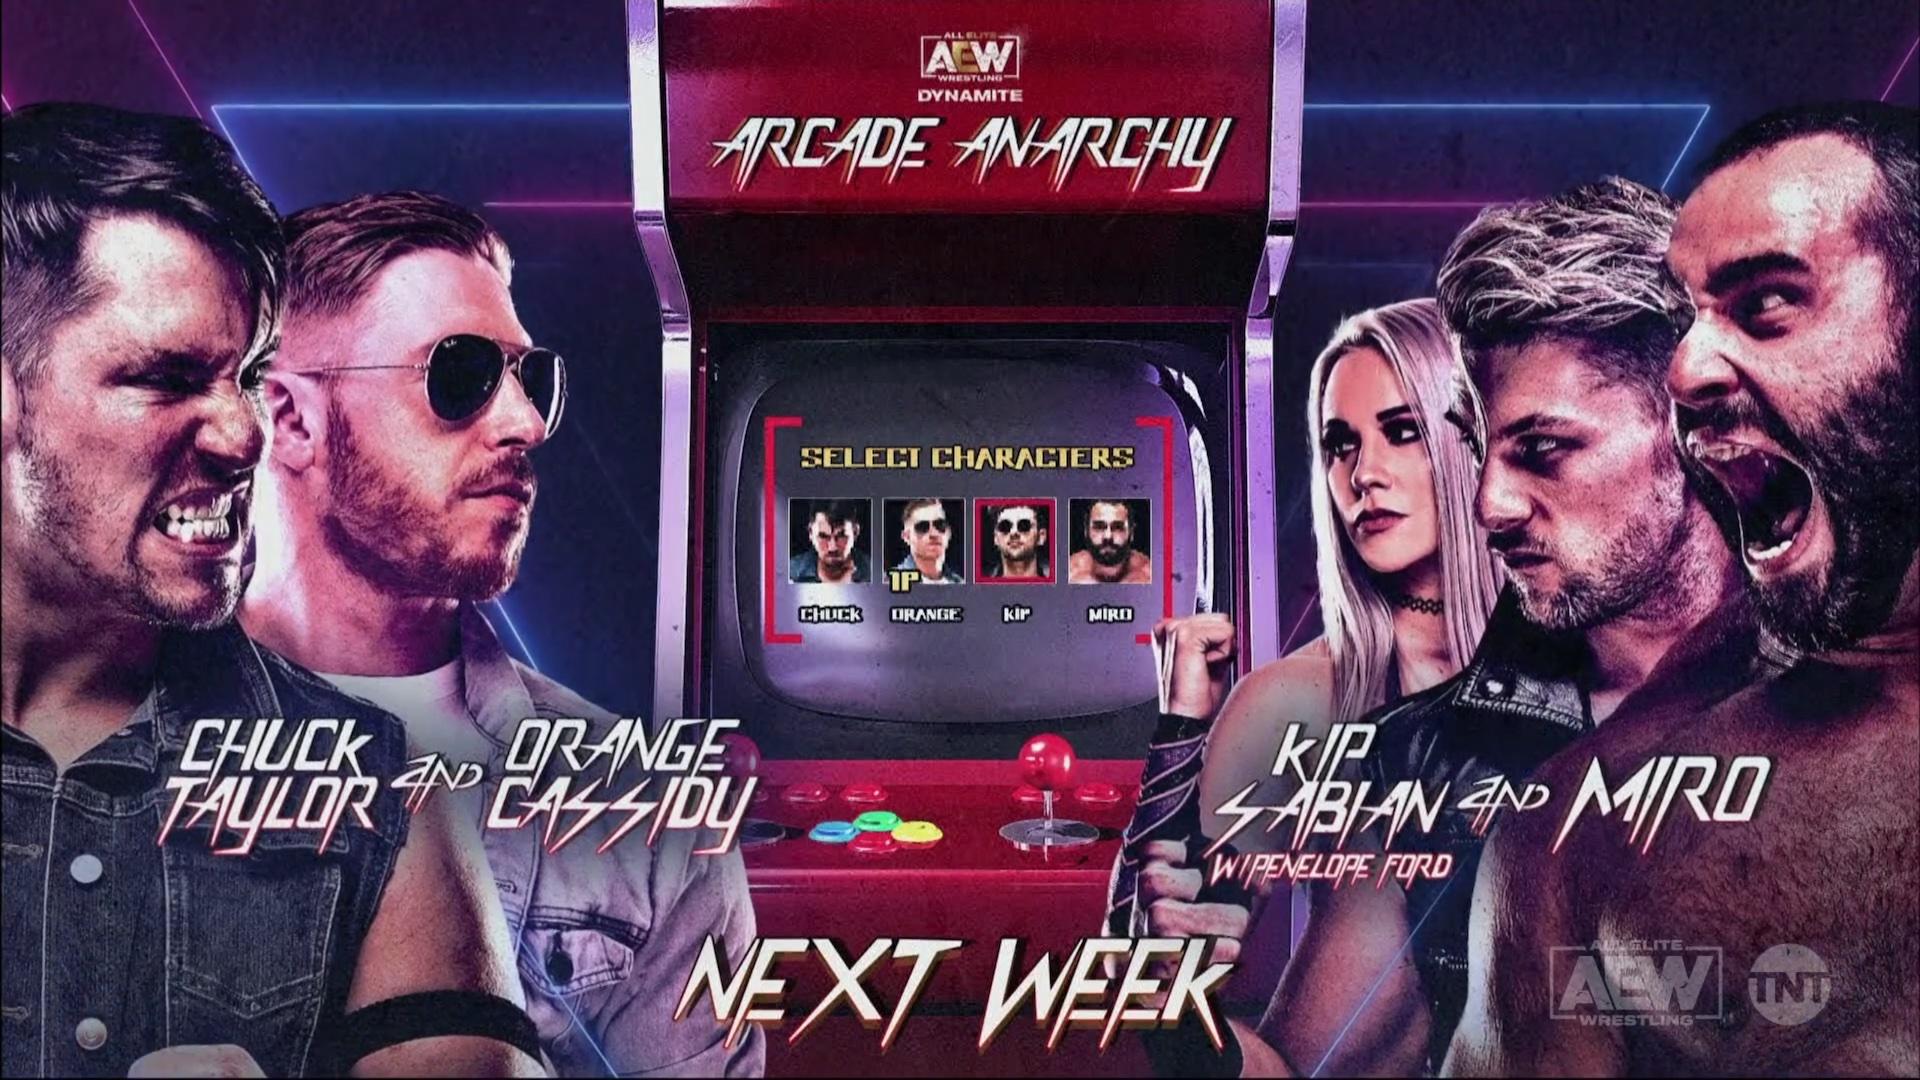 AEW Dynamite & NXT Cards for Tonight - TPWW